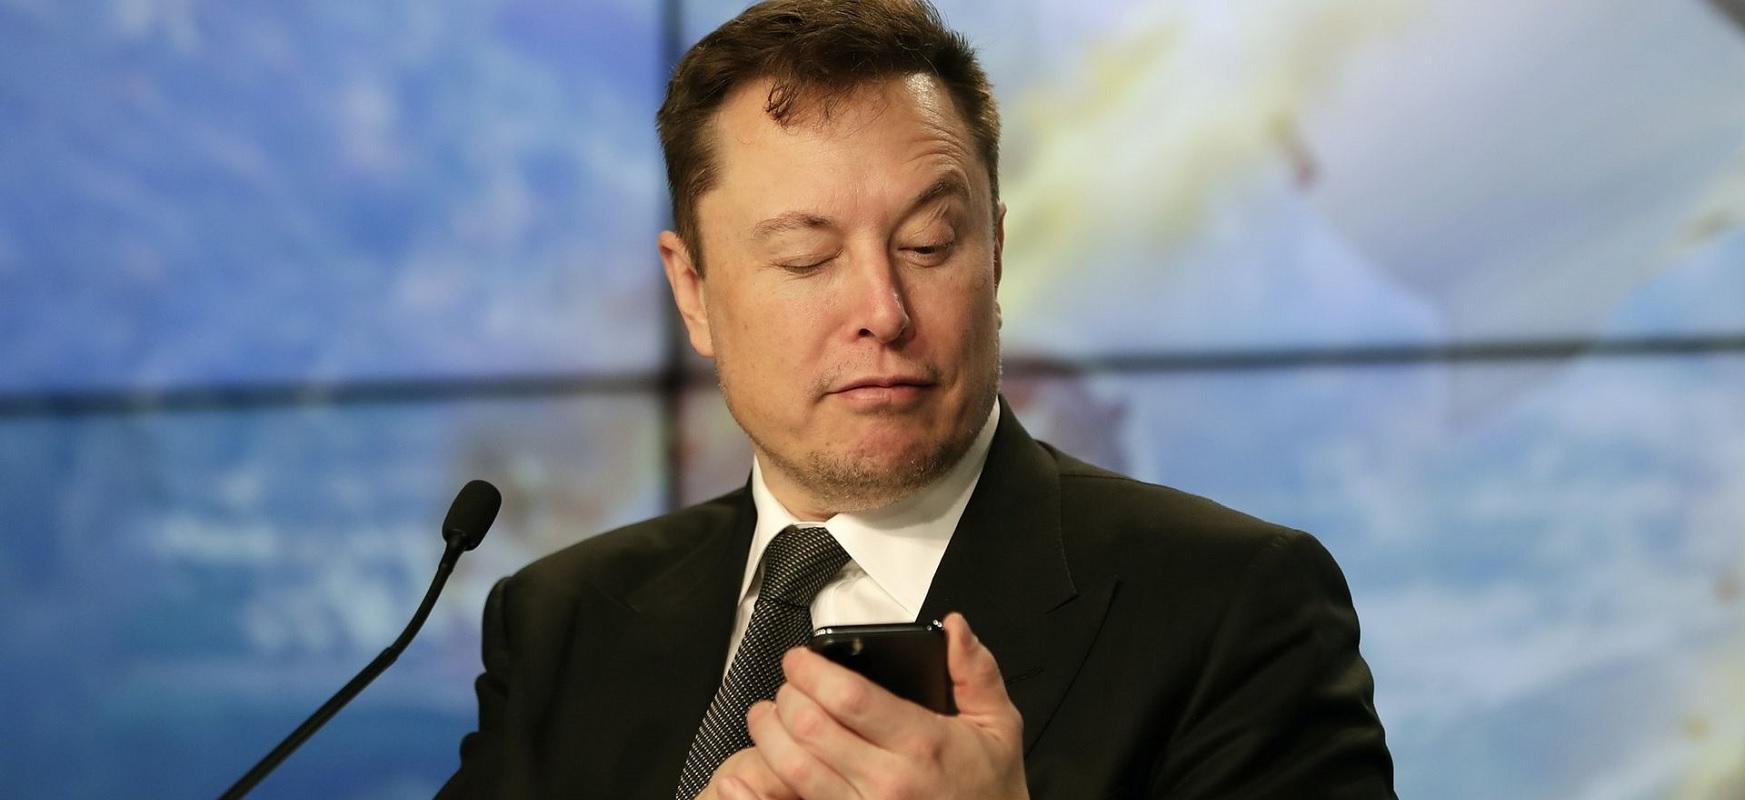 """Elon Musk-ek honela dio: """"Hartu pilula gorria"""".  Matrizaren sortzaileek erreakzionatzen dute"""